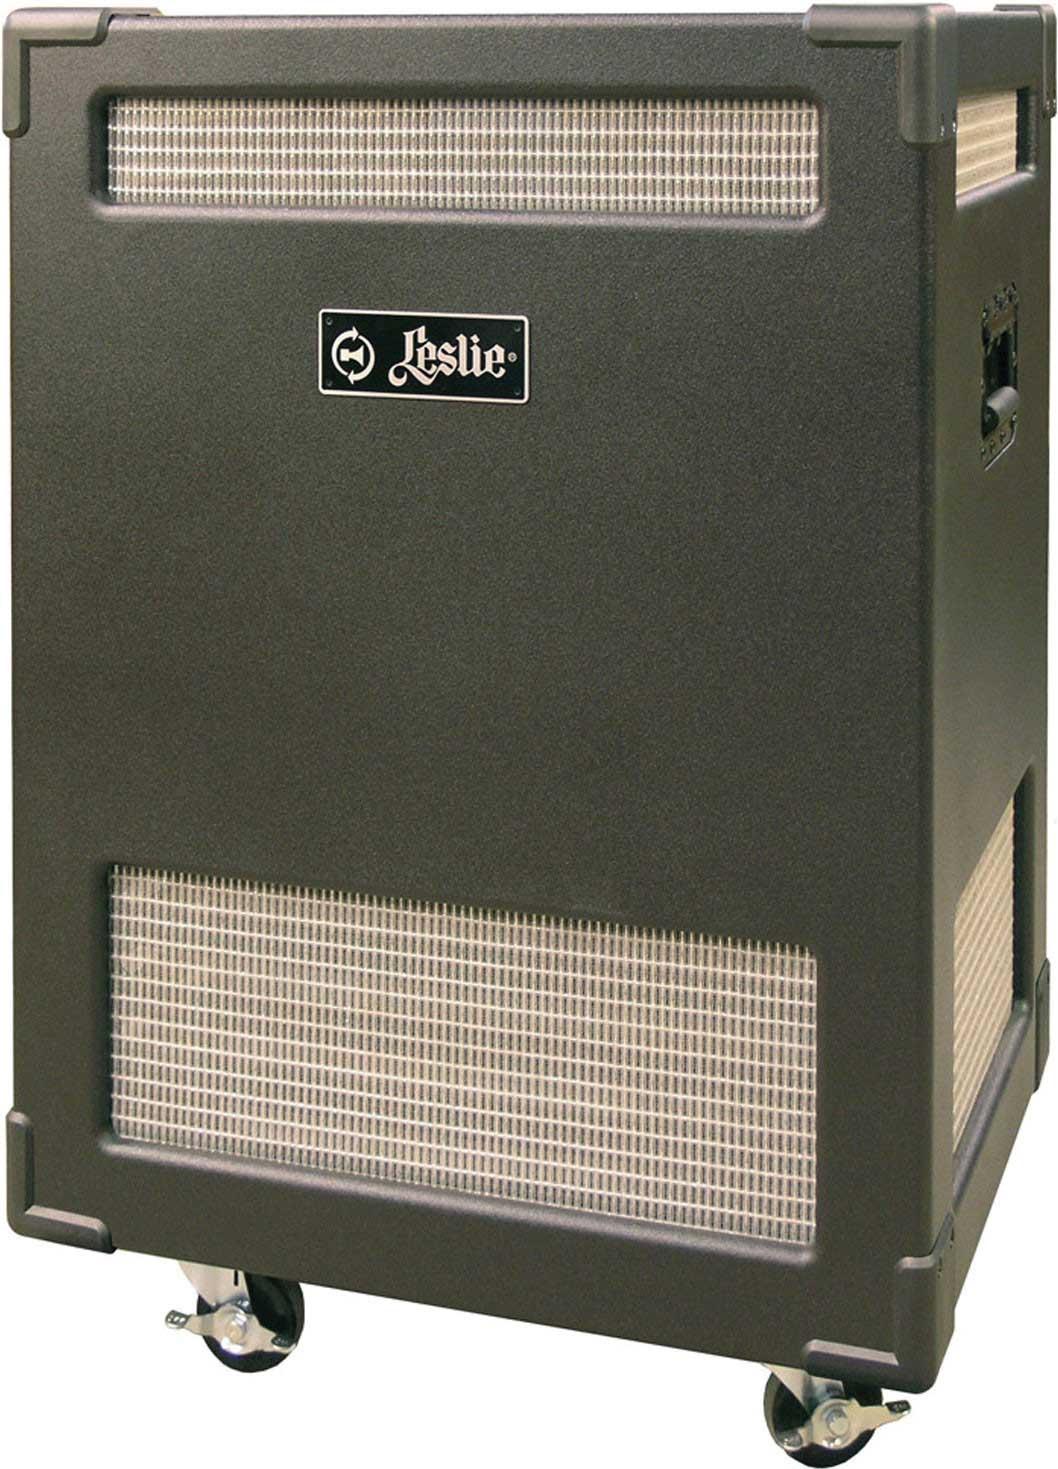 Leslie 3300 Tone Cabinet, Black